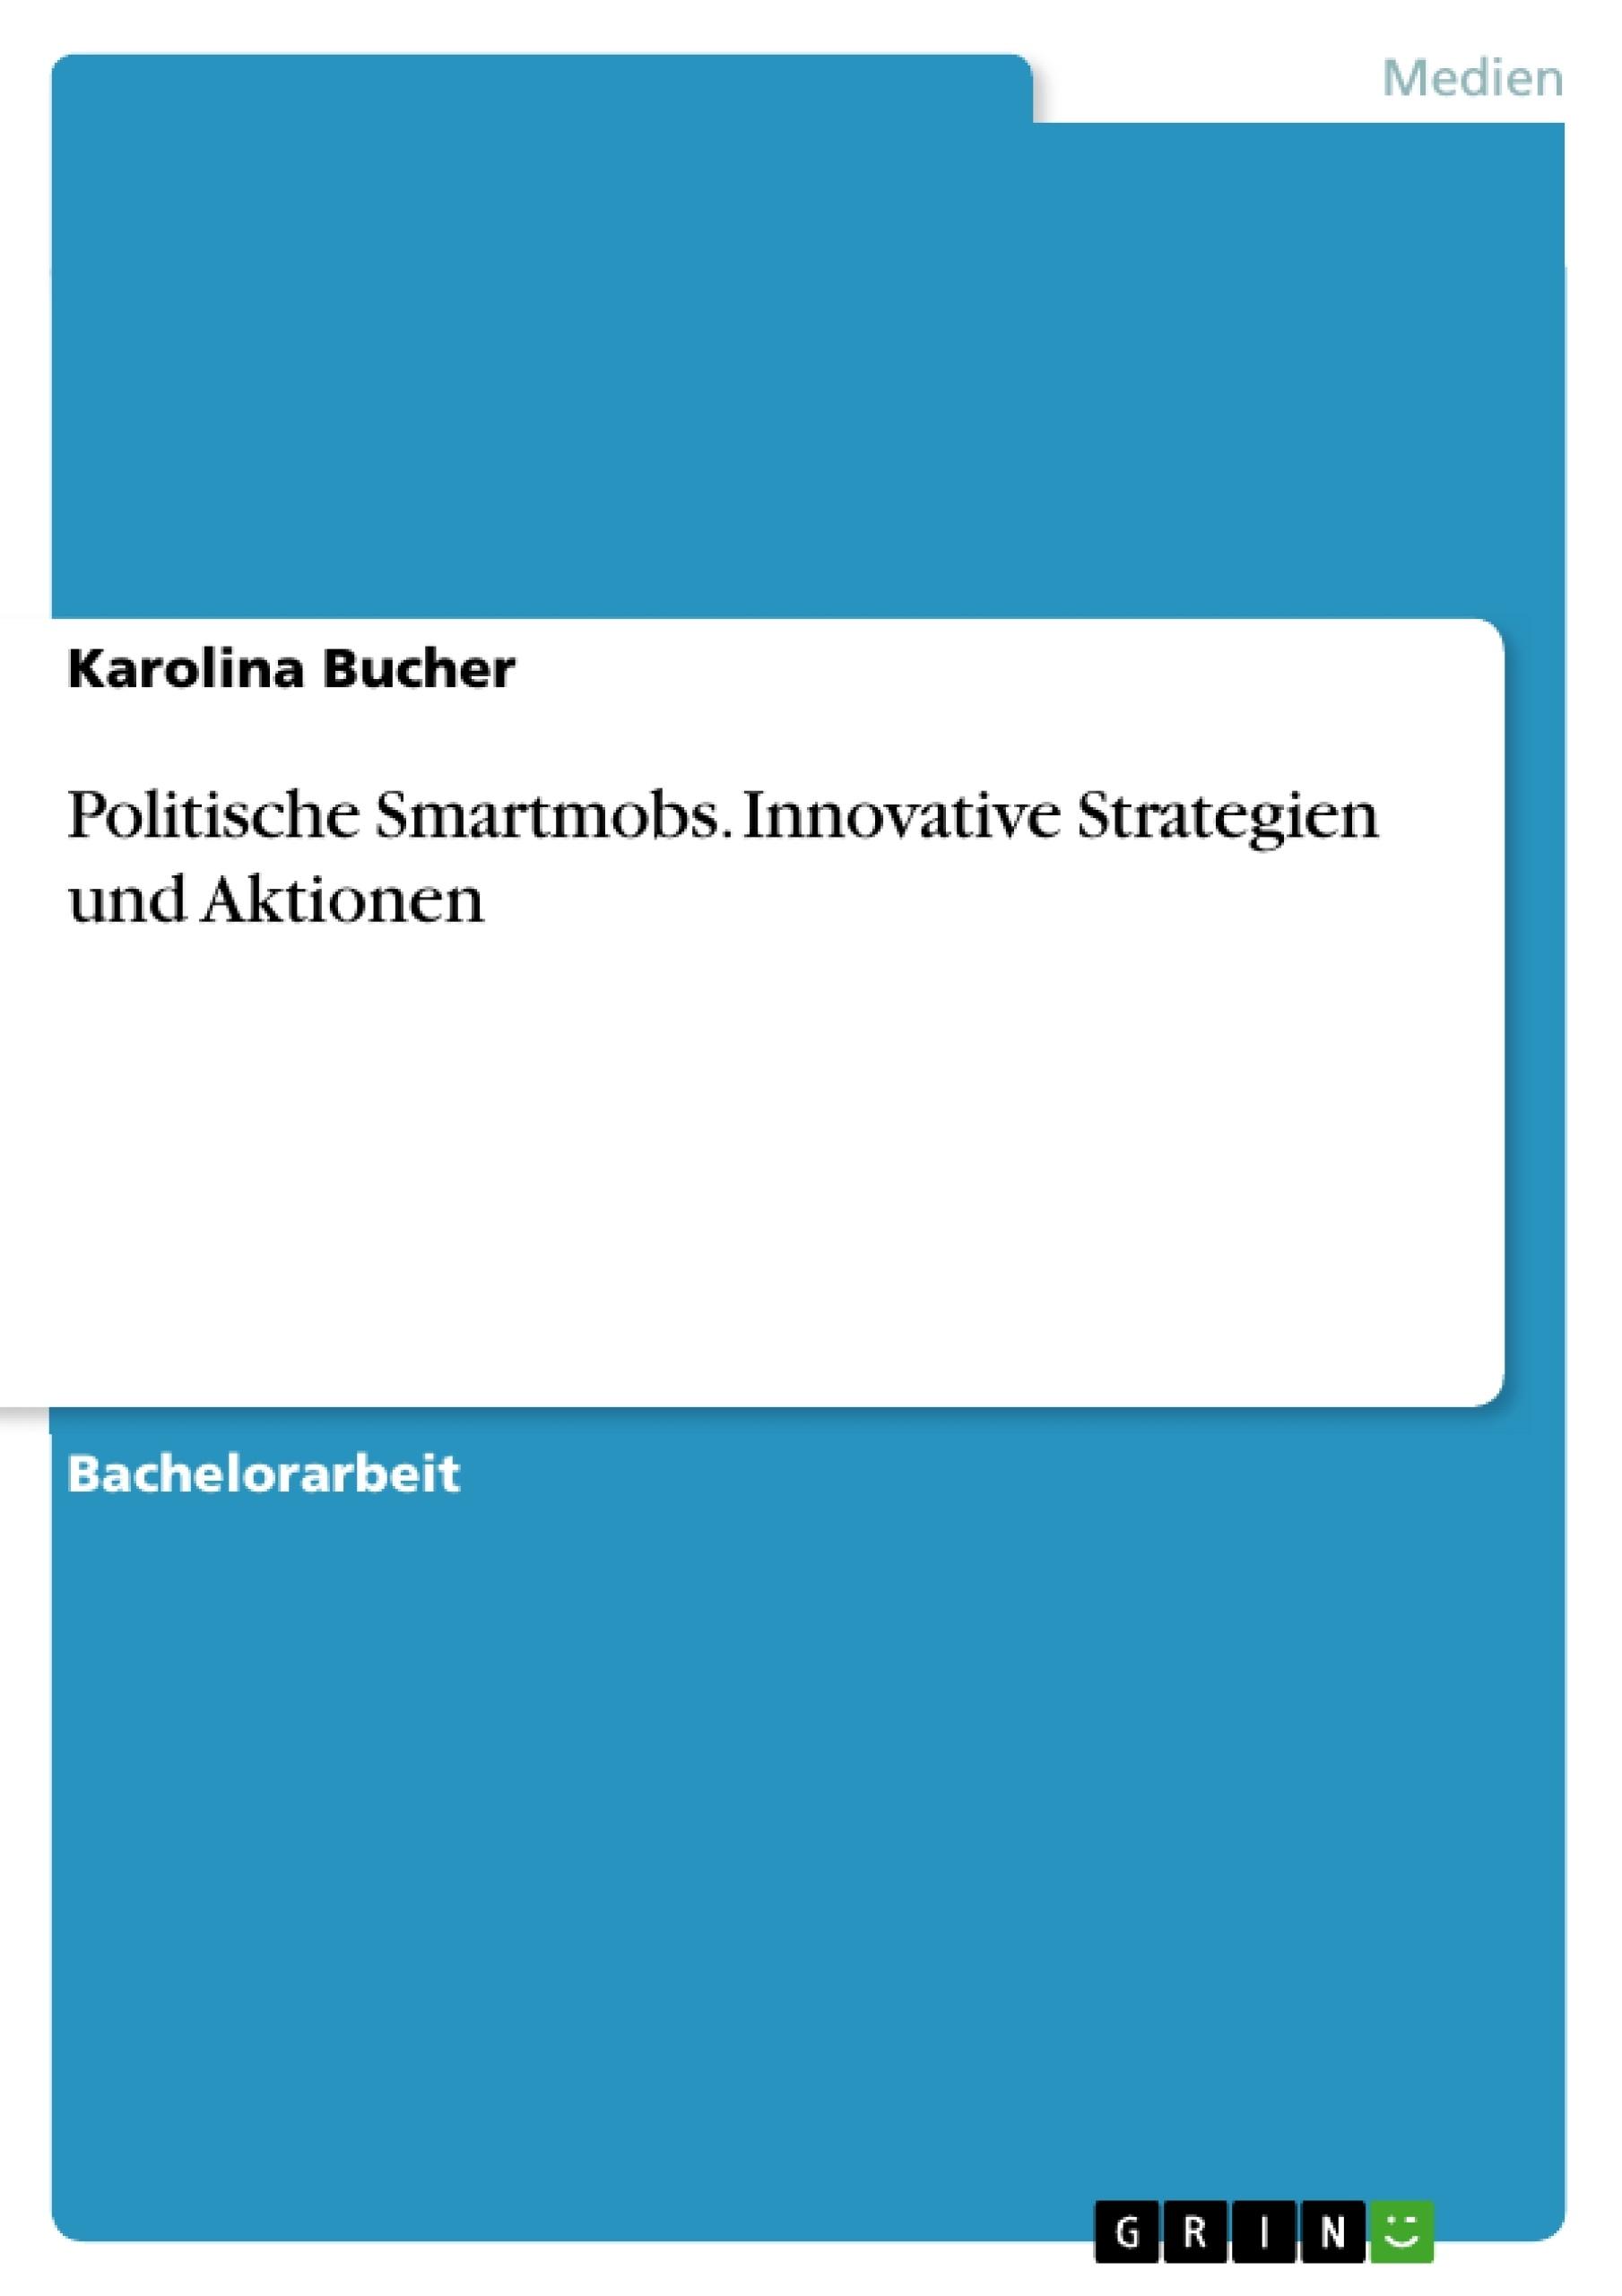 Titel: Politische Smartmobs. Innovative Strategien und Aktionen